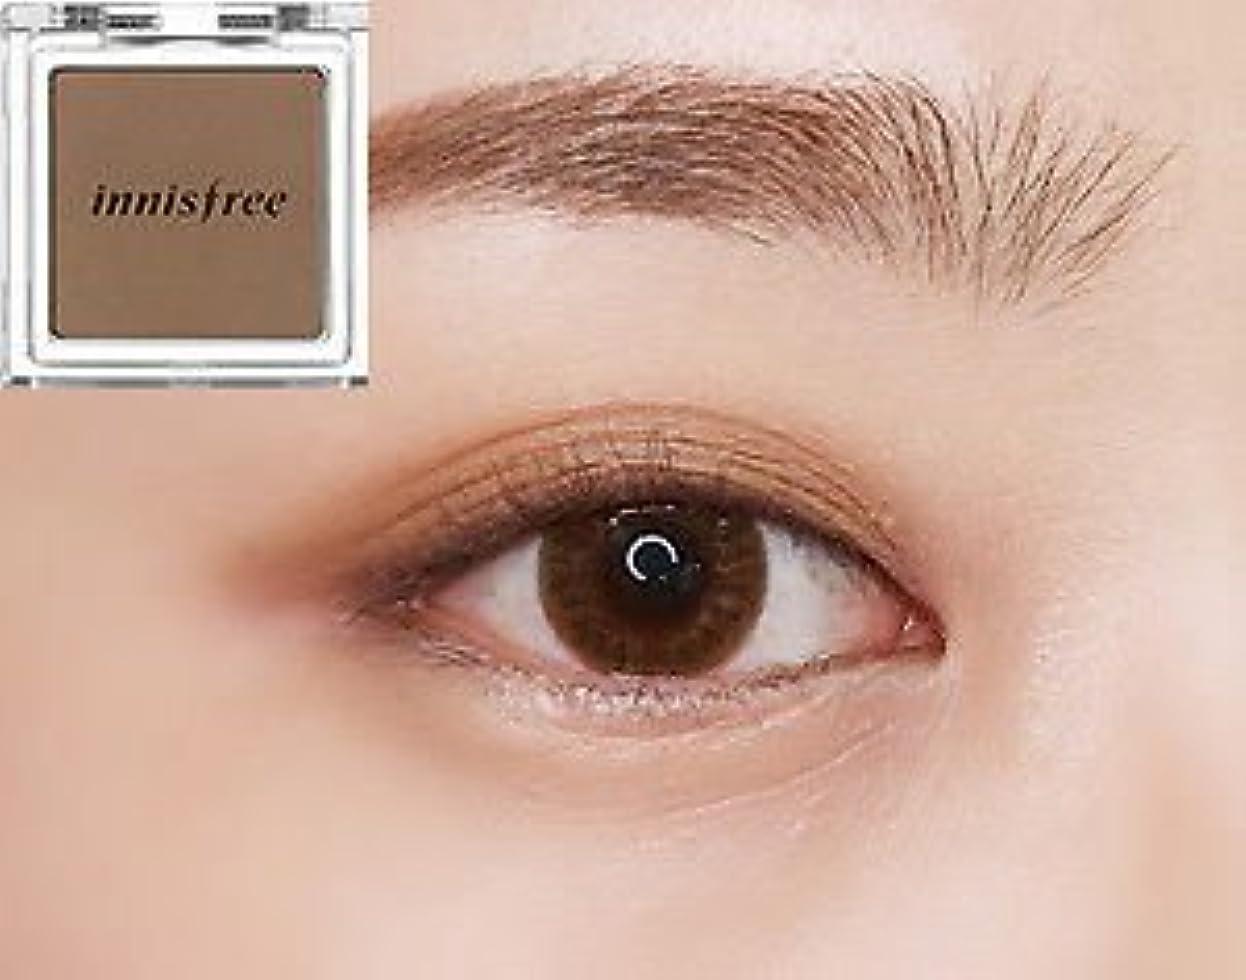 独占不確実優雅[イニスフリー] innisfree [マイ パレット マイ アイシャドウ (マット) 40カラー] MY PALETTE My Eyeshadow (Matte) 40 Shades [海外直送品] (マット #16)